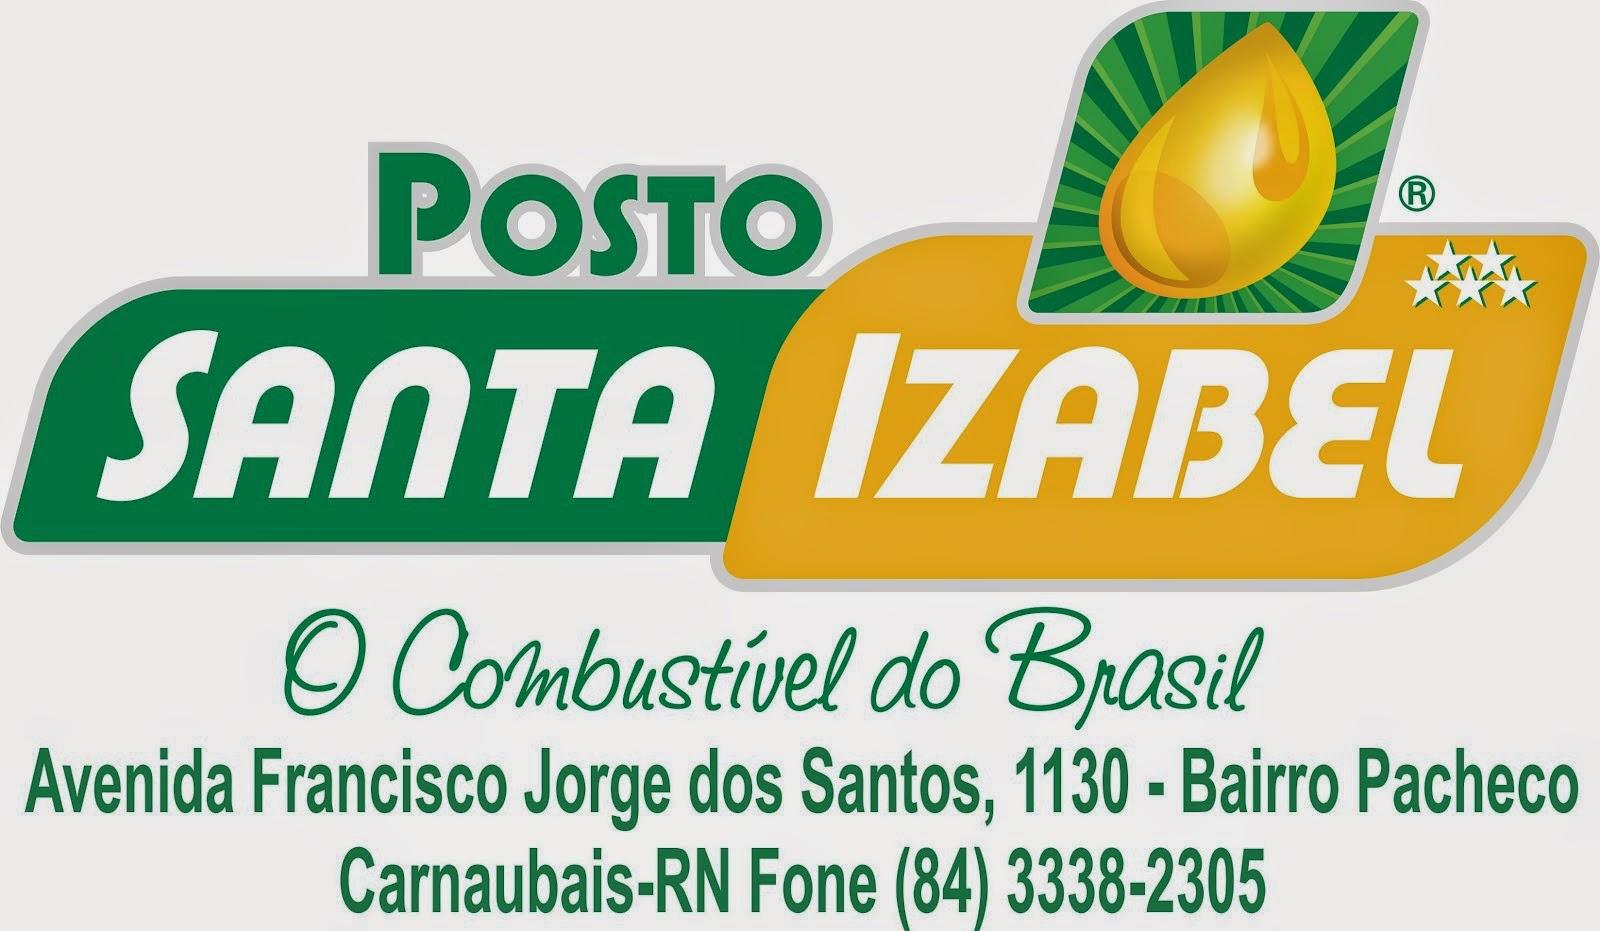 Posto Santa Izabel